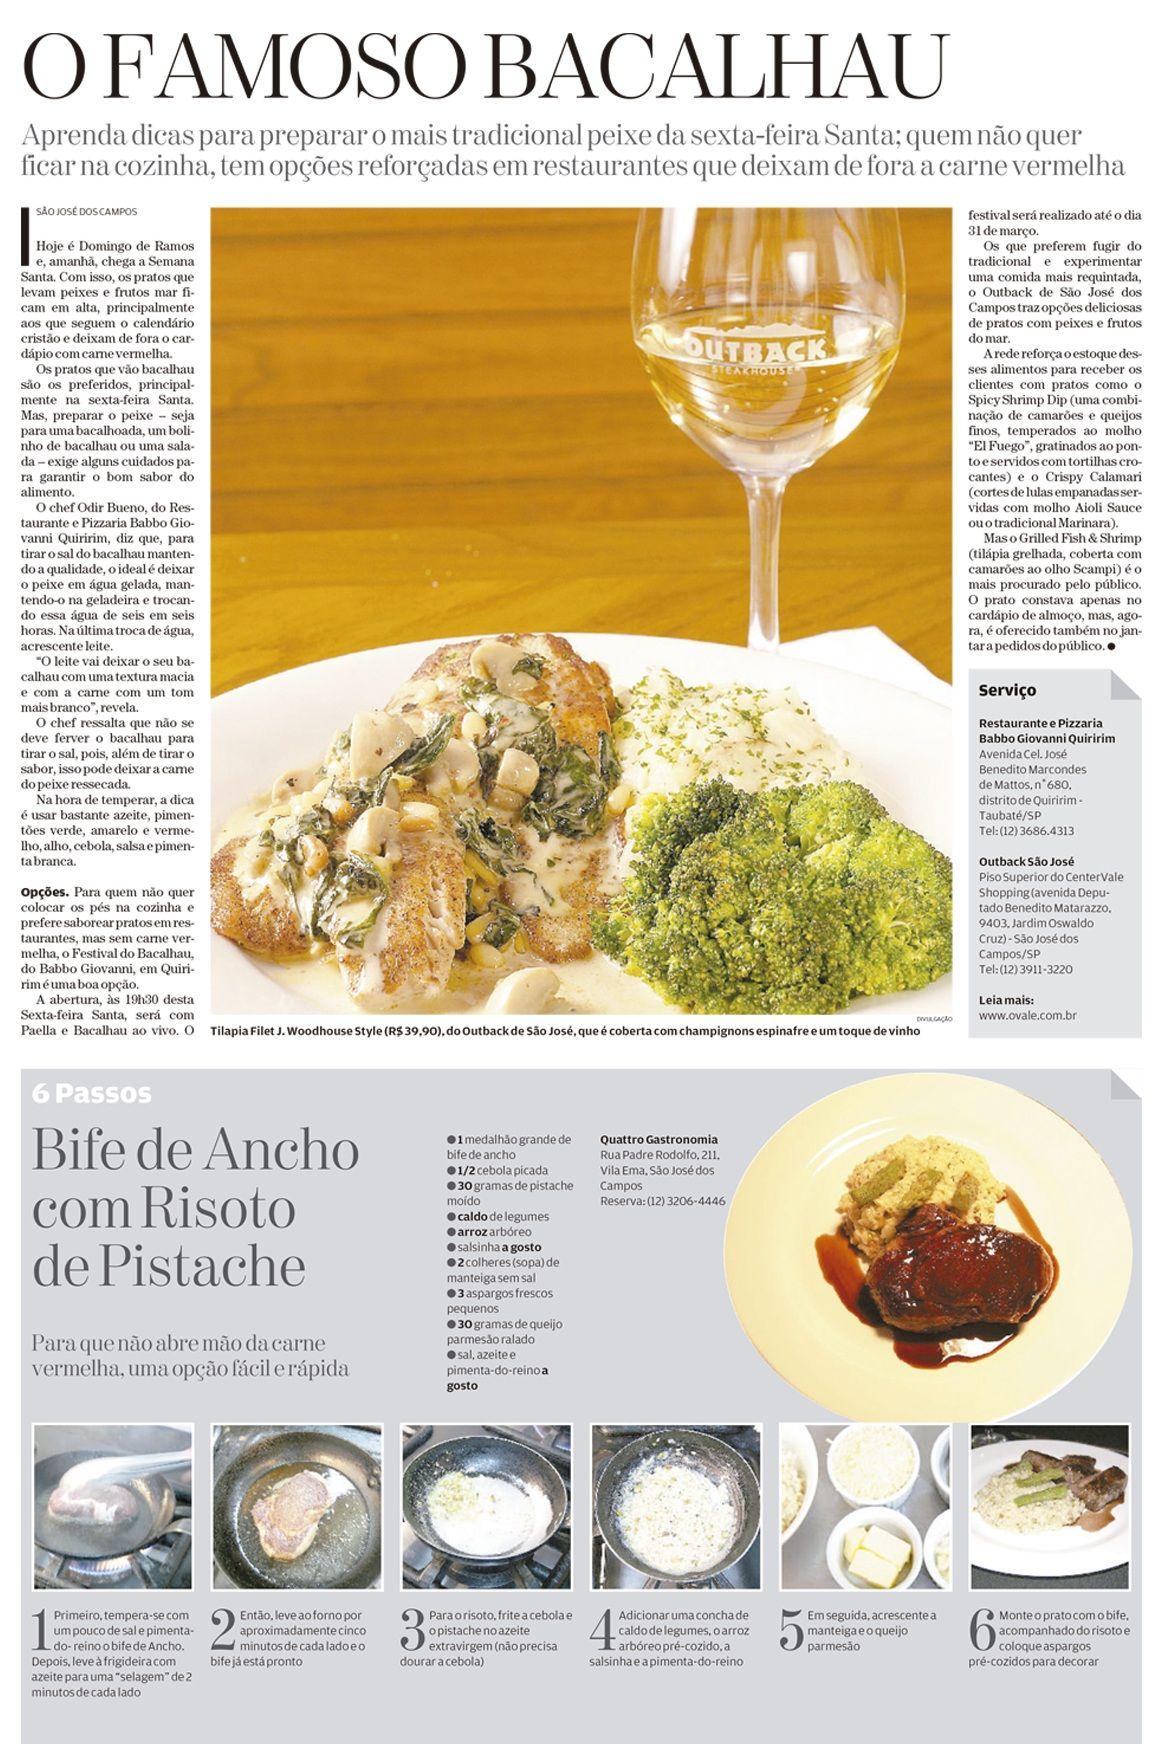 Matéria: O famoso bacalhau / Publicação: Jornal O Vale, 24 de março de 2013 / Cliente: Outback Steakhouse